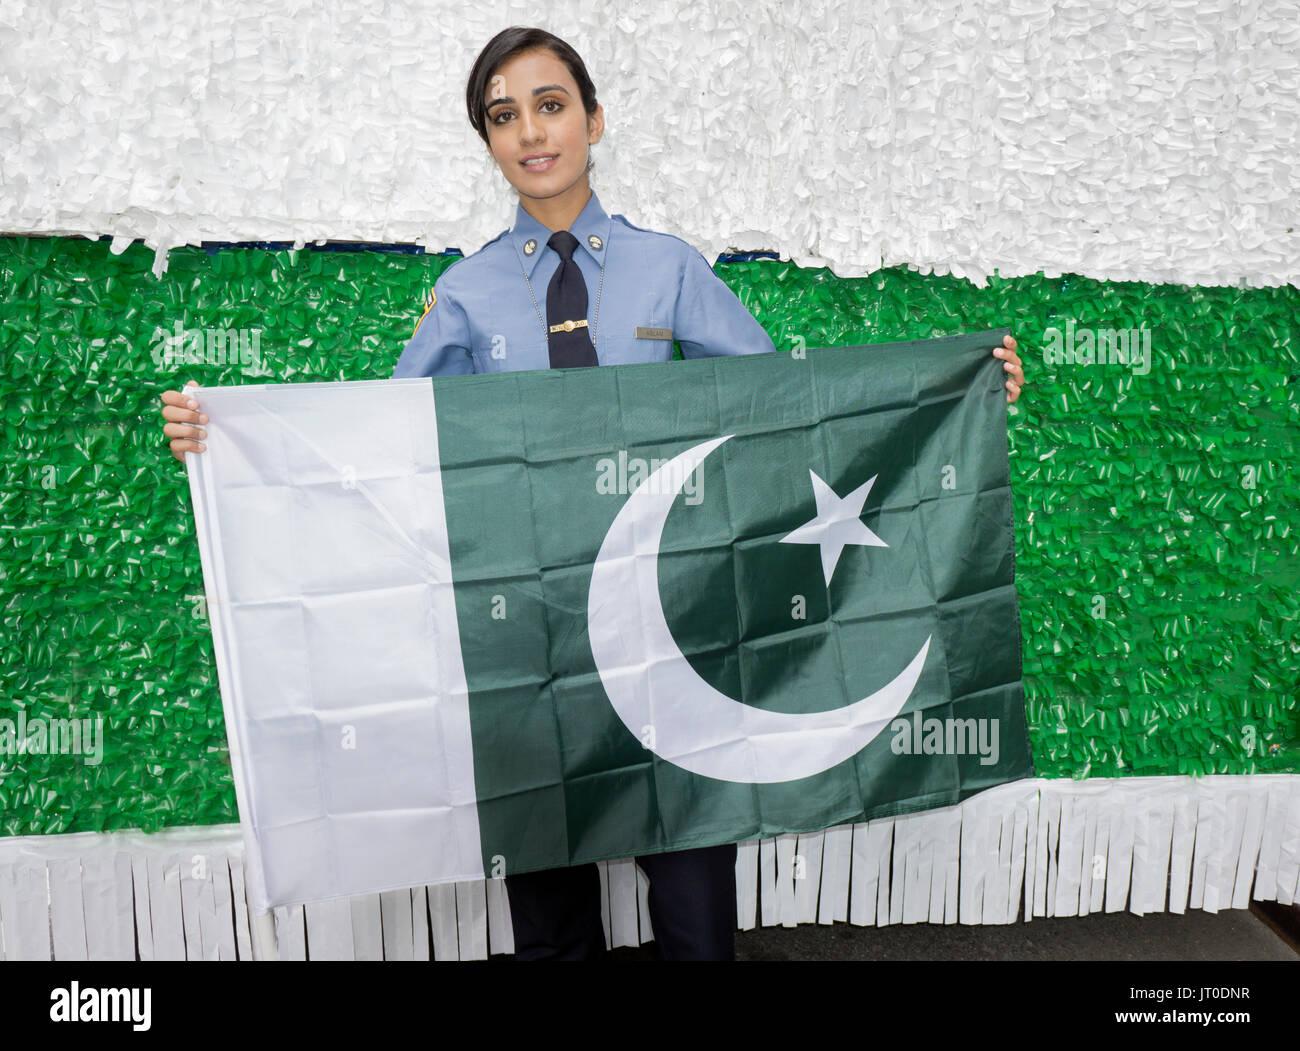 Ein pakistanischer amerikanischen Mädchen, Traning in der Polizeiakademie ist ein in New York City Polizistin werden. Beim Pakistan Day Parade in Manhattan, New York City. Polizei Stockbild